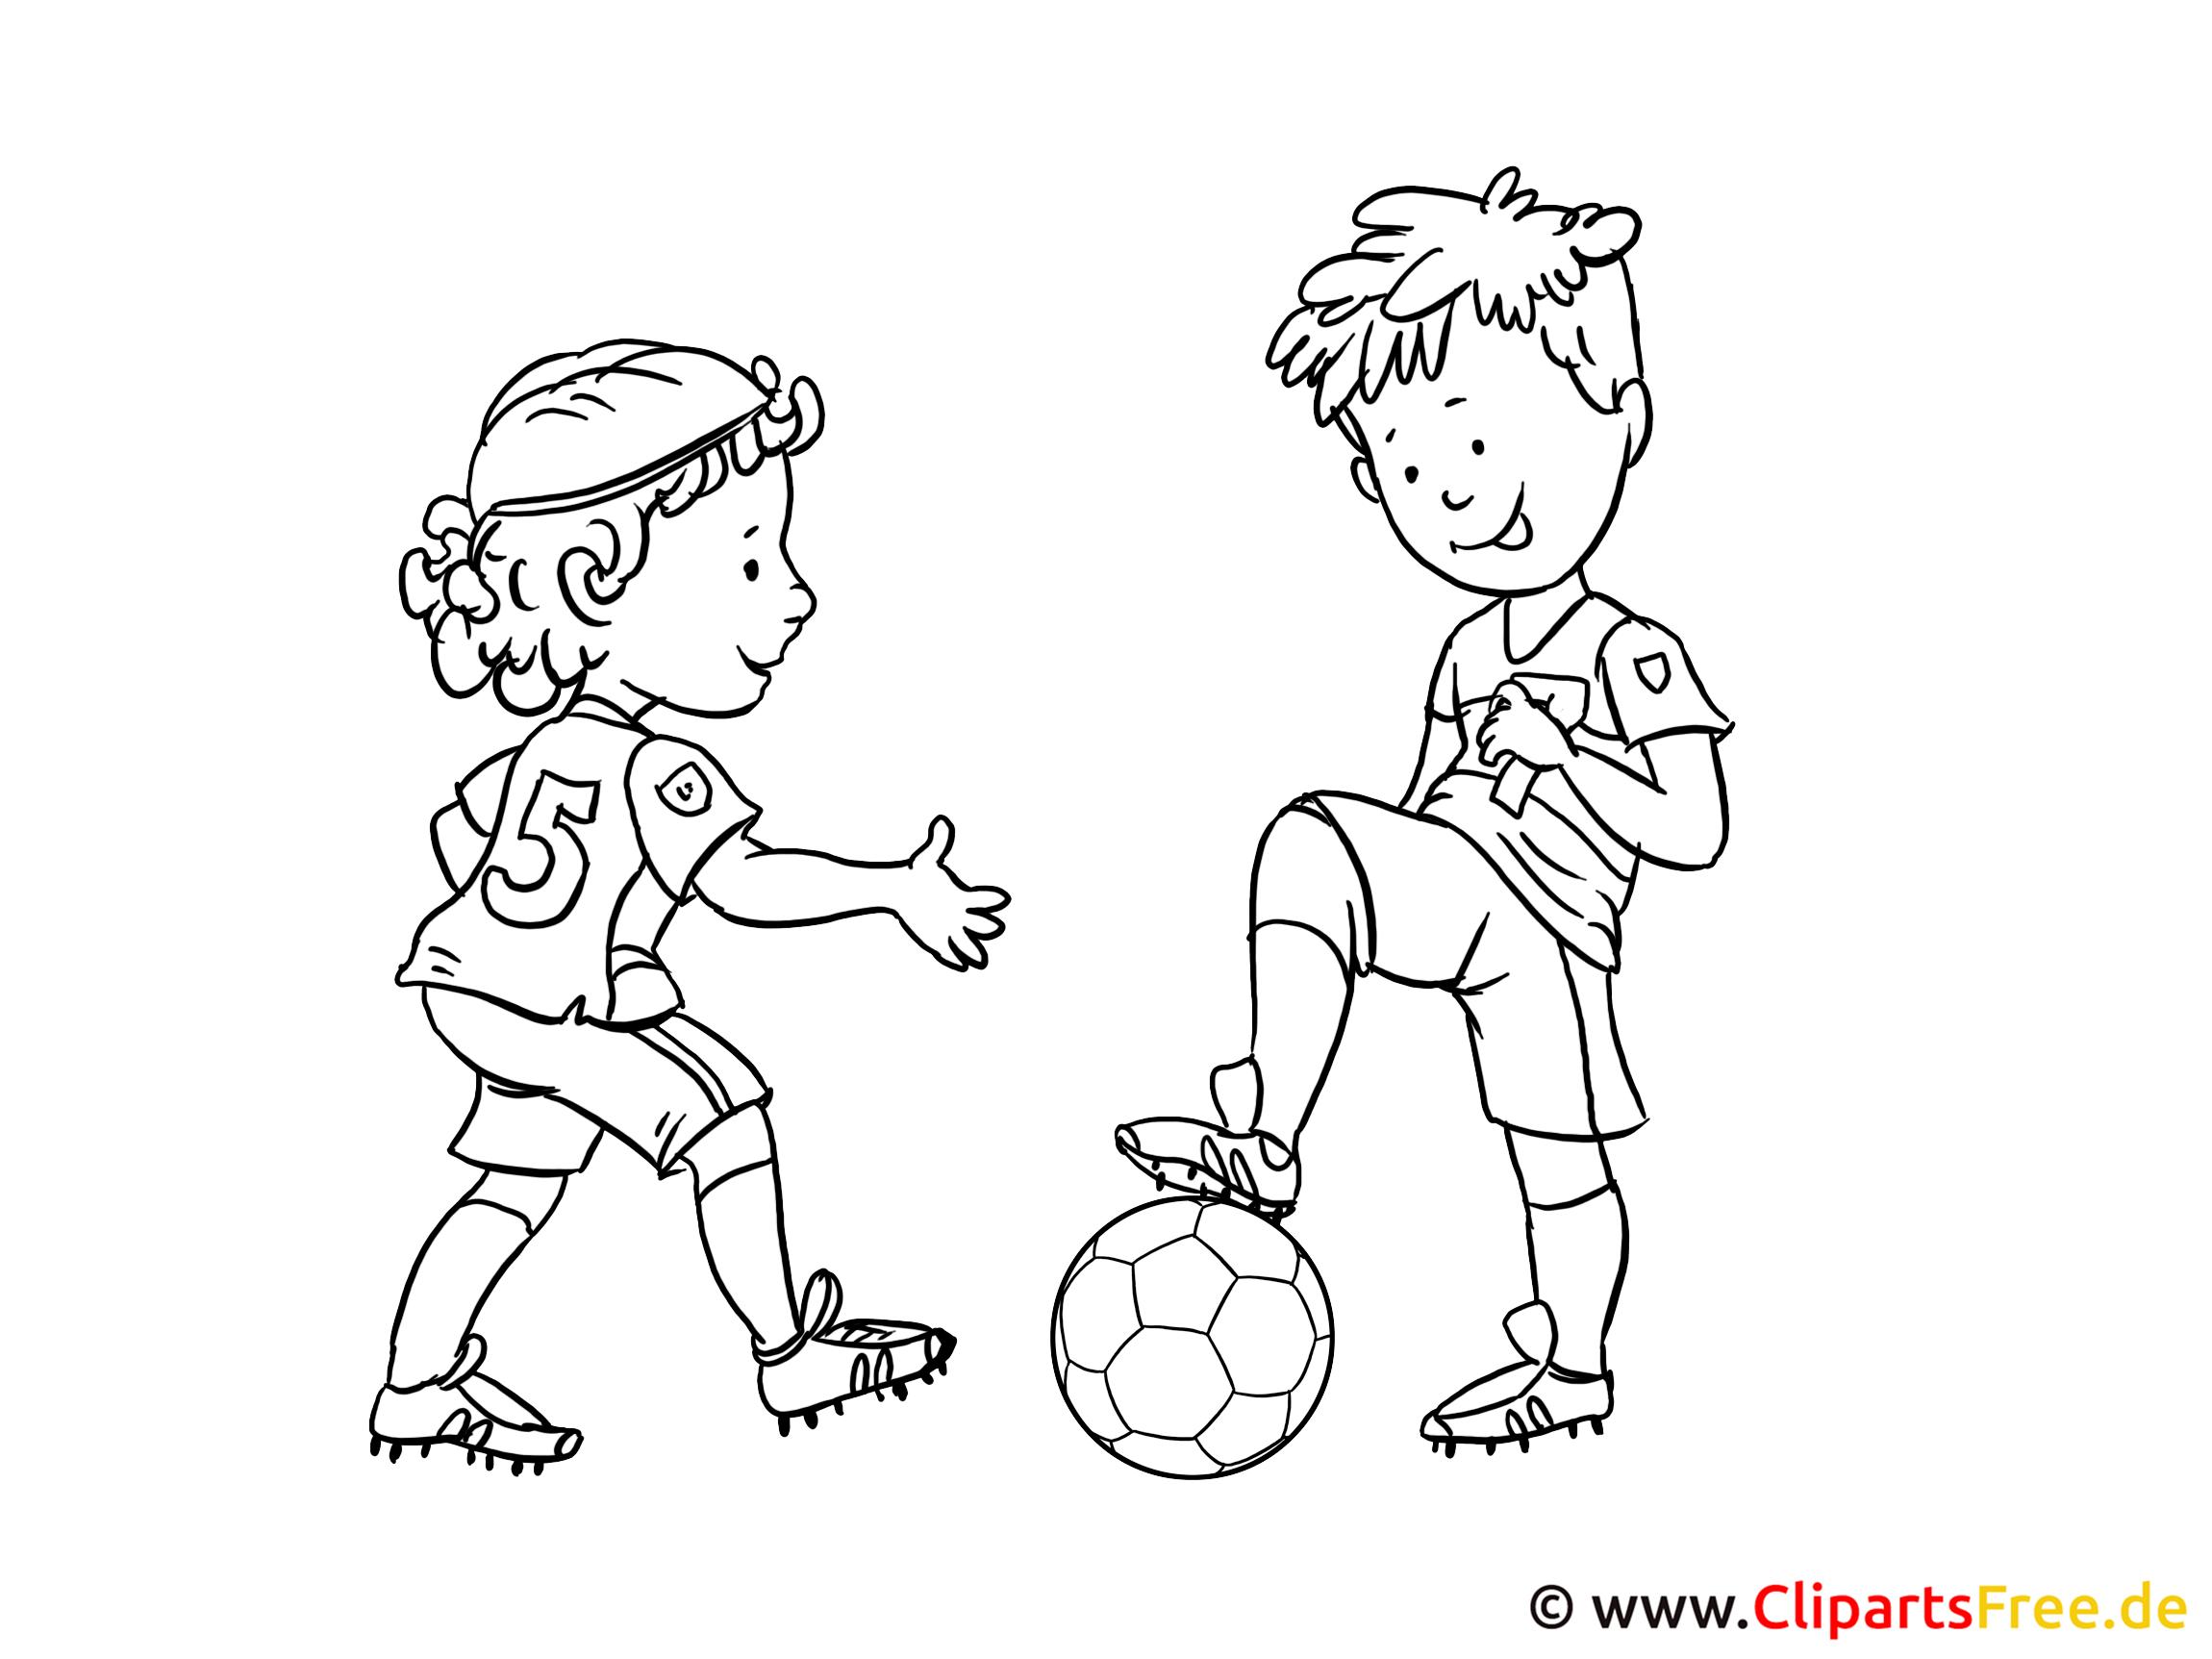 futbol boyama için görüntüleri şablonları